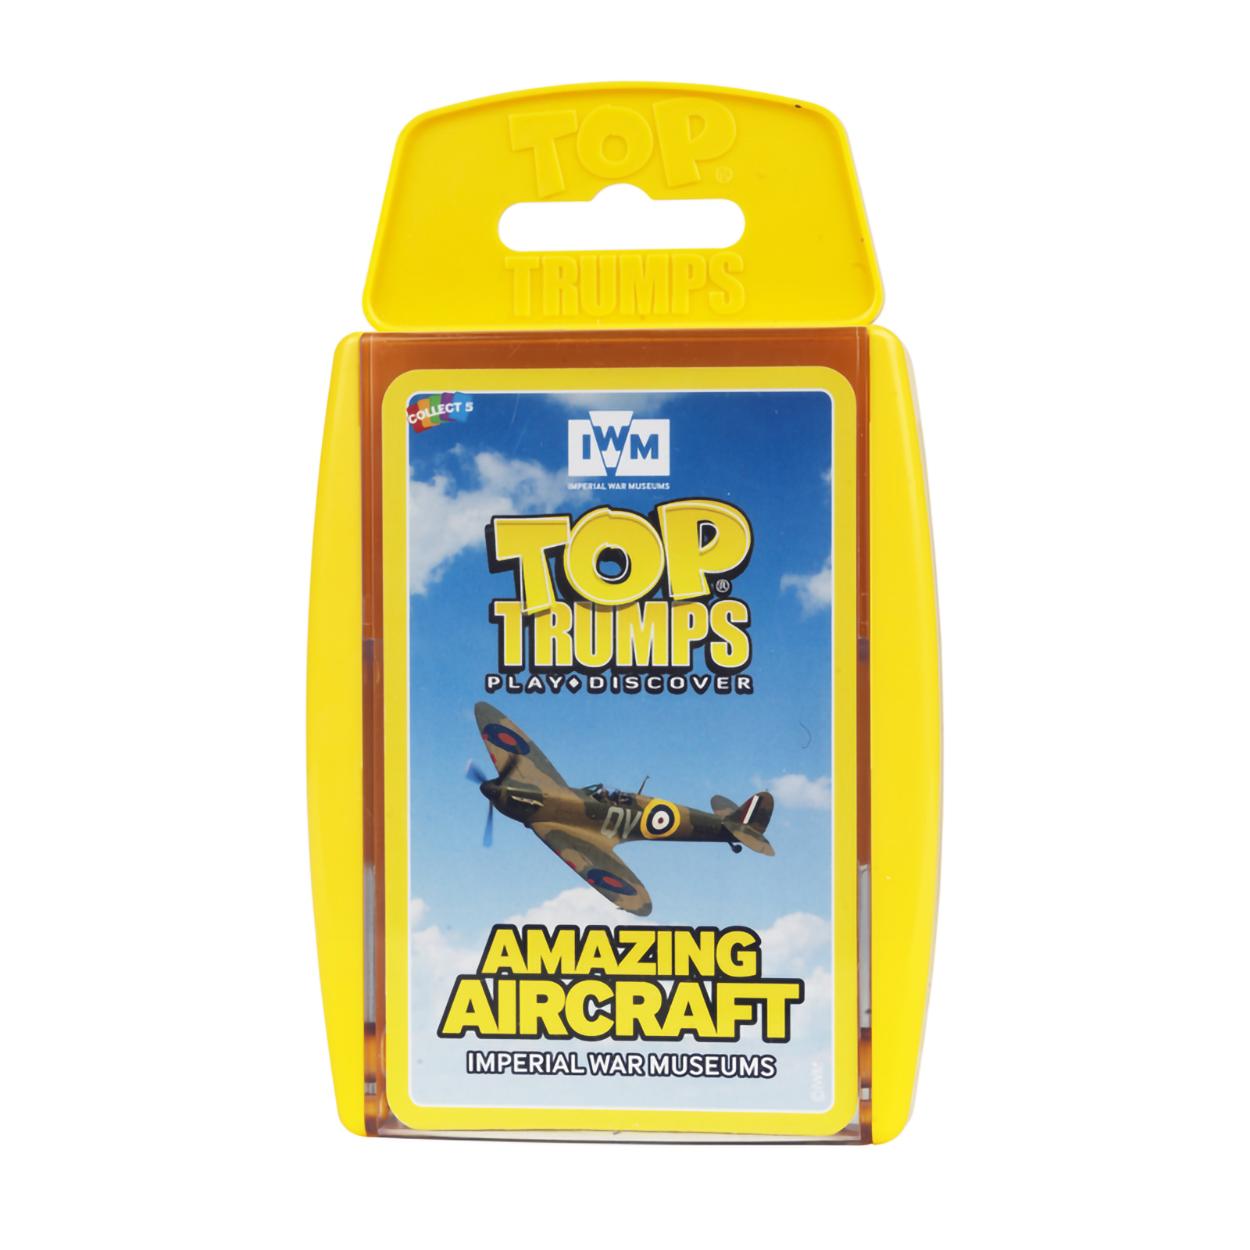 Top trumps: Amazing Aircraft